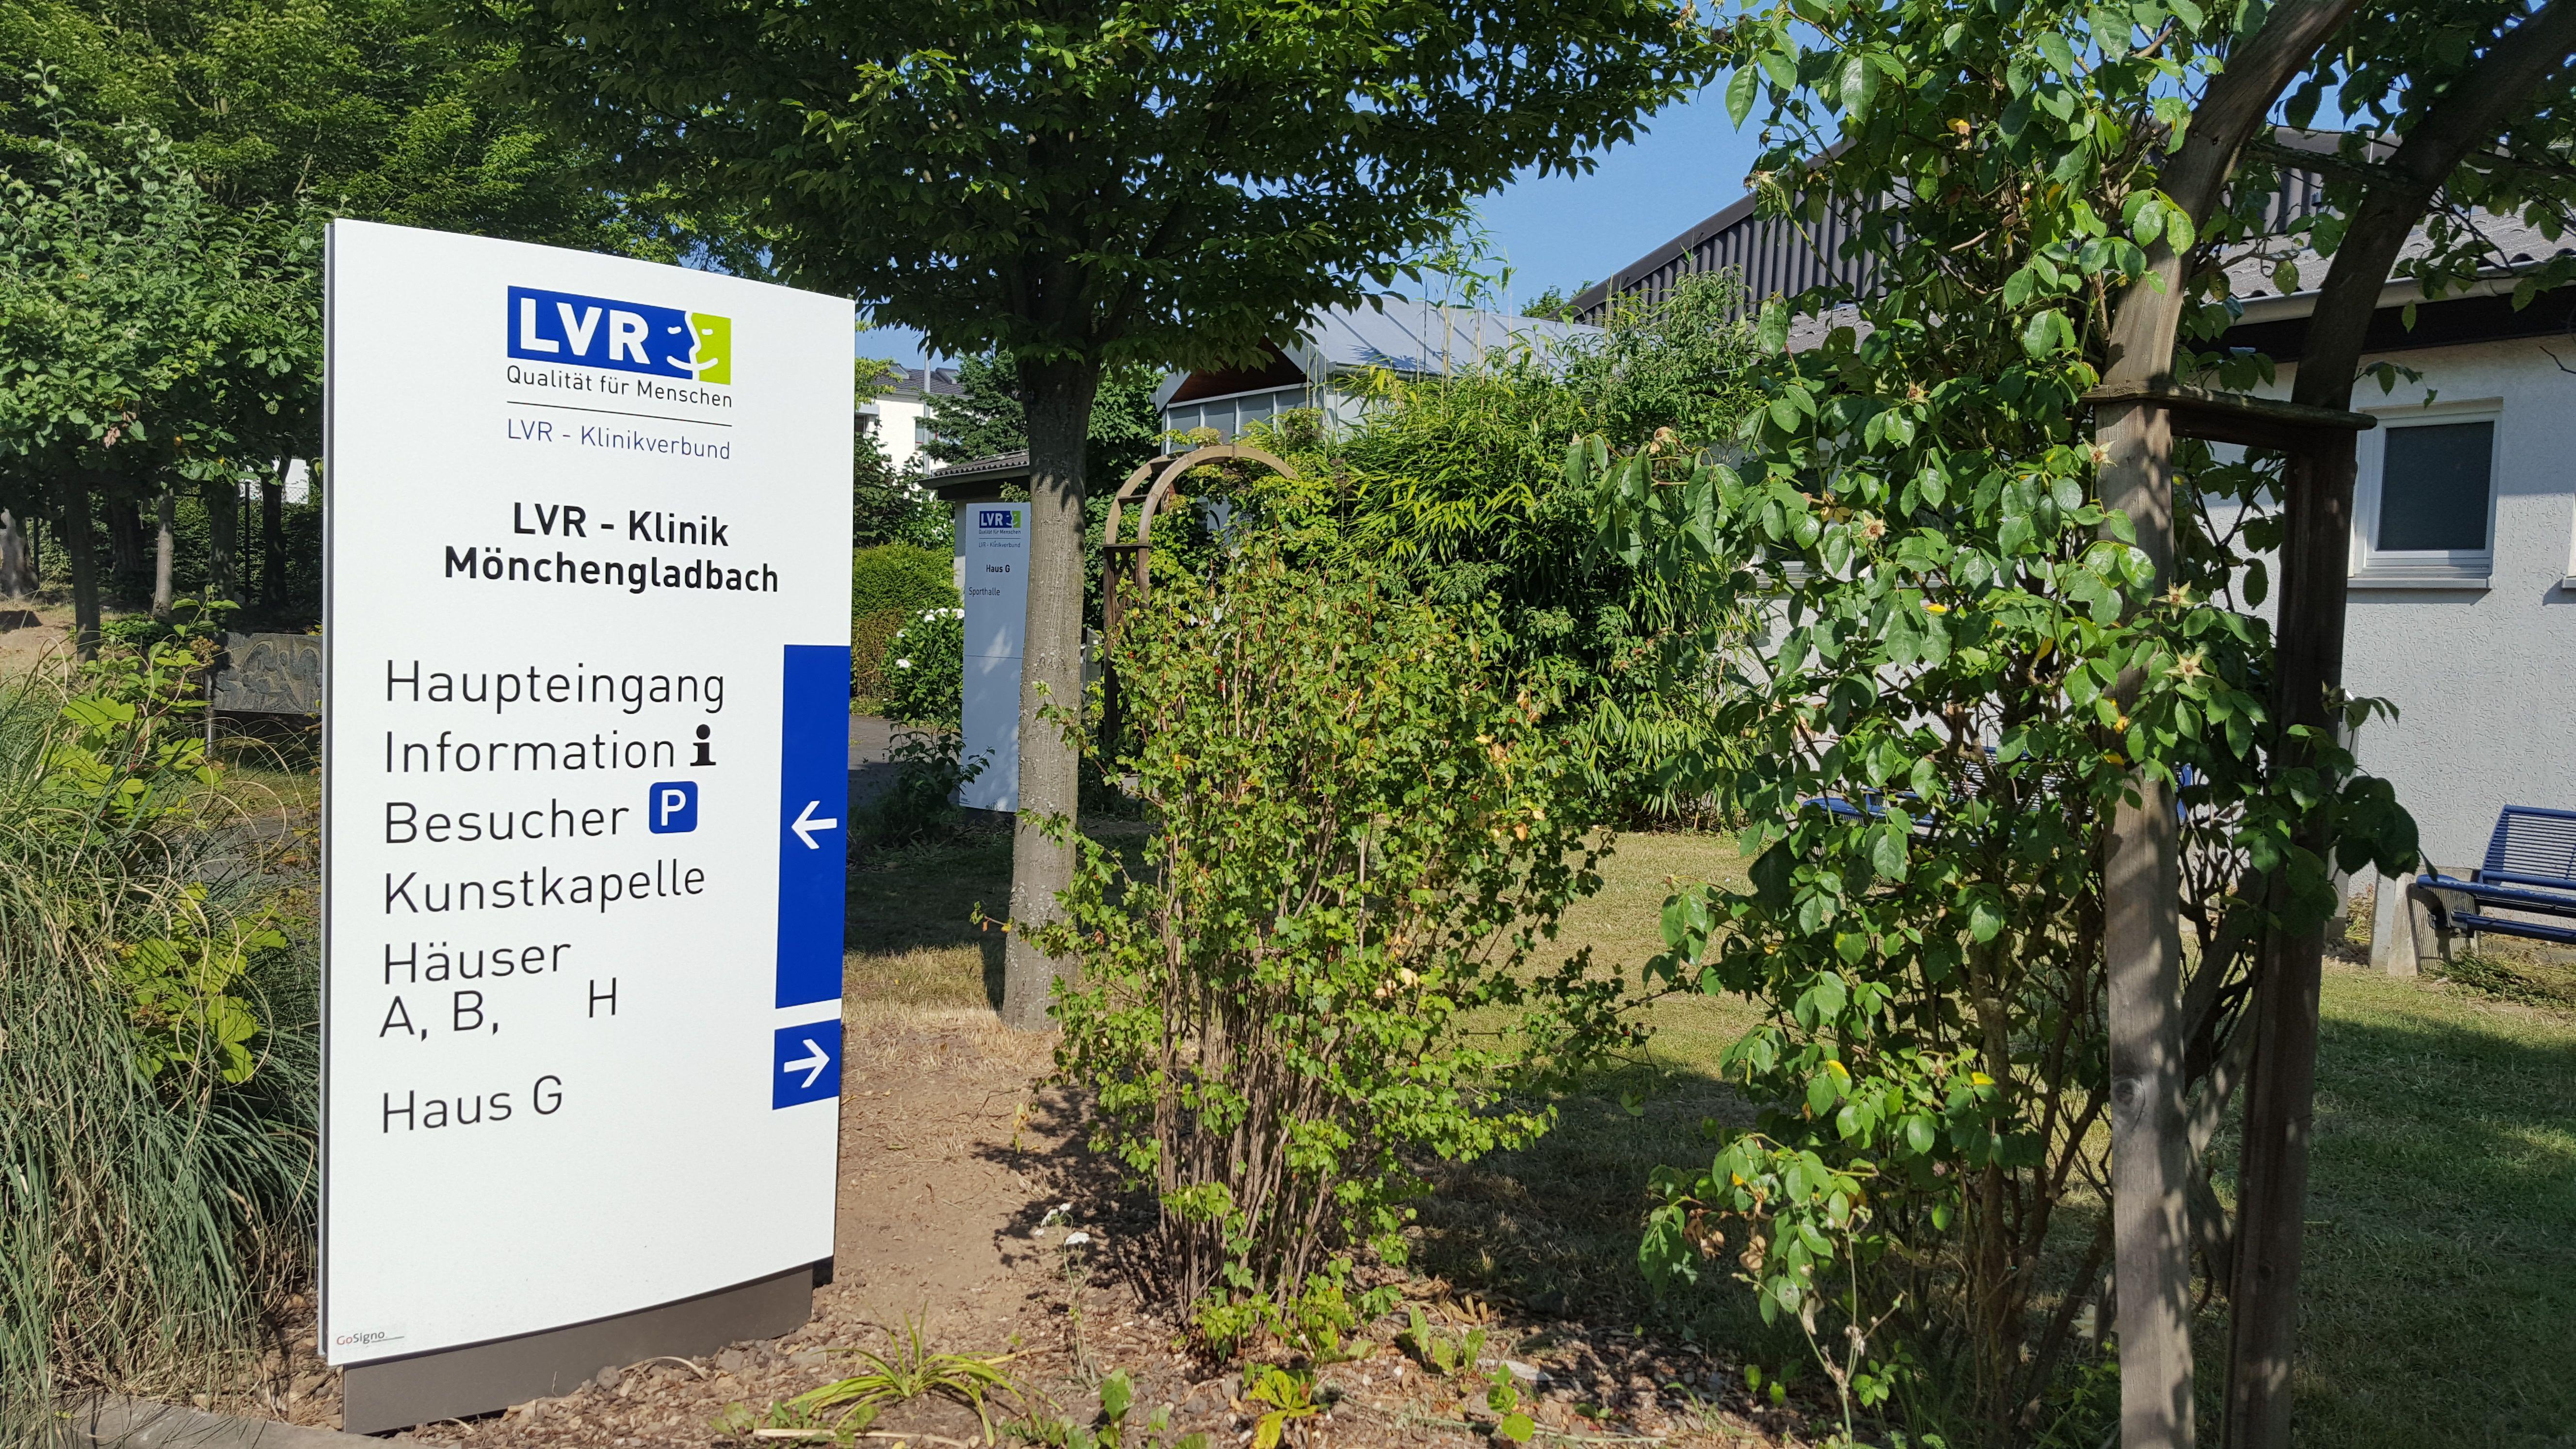 Neues Wegeleitsystem im Innen- & Außenbereich der LVR Klinik ...